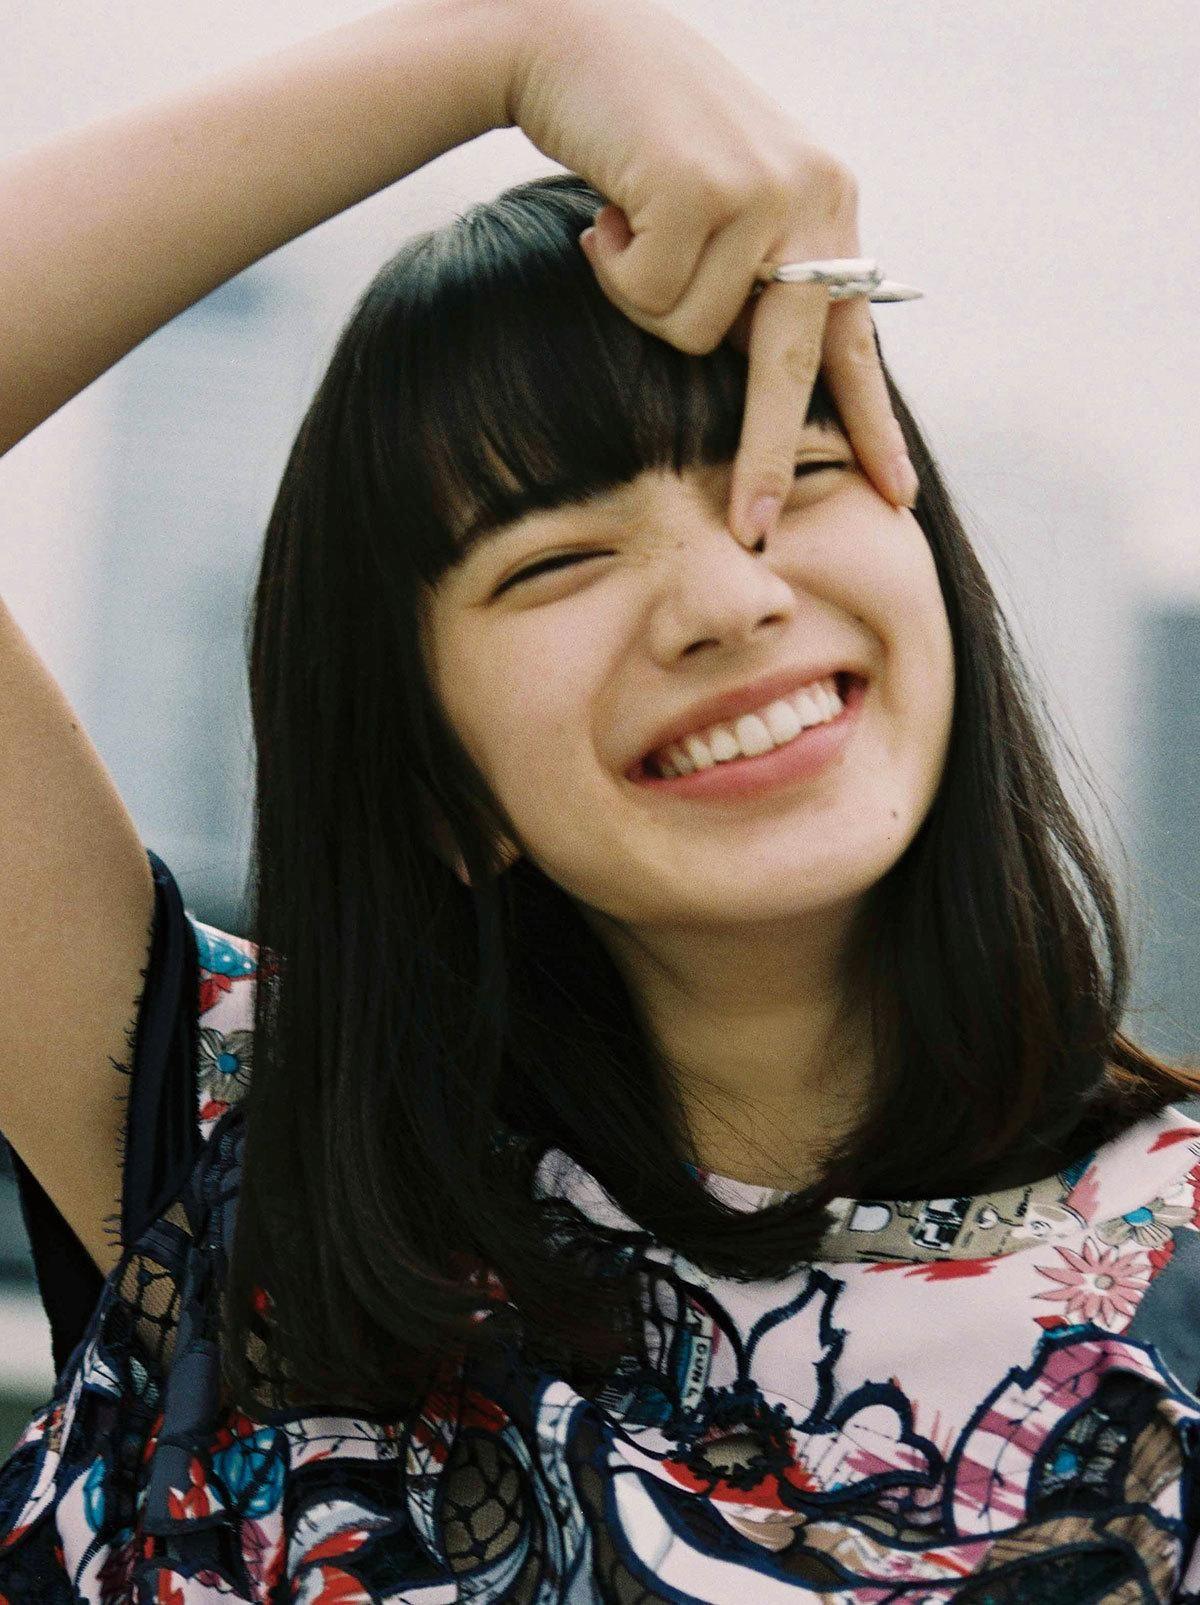 演じる役柄のイメージからか「孤独でクール」に思われることが多いと語る小松菜奈。彼女自身が語る、私たちが知らない小松菜奈の素顔とは?